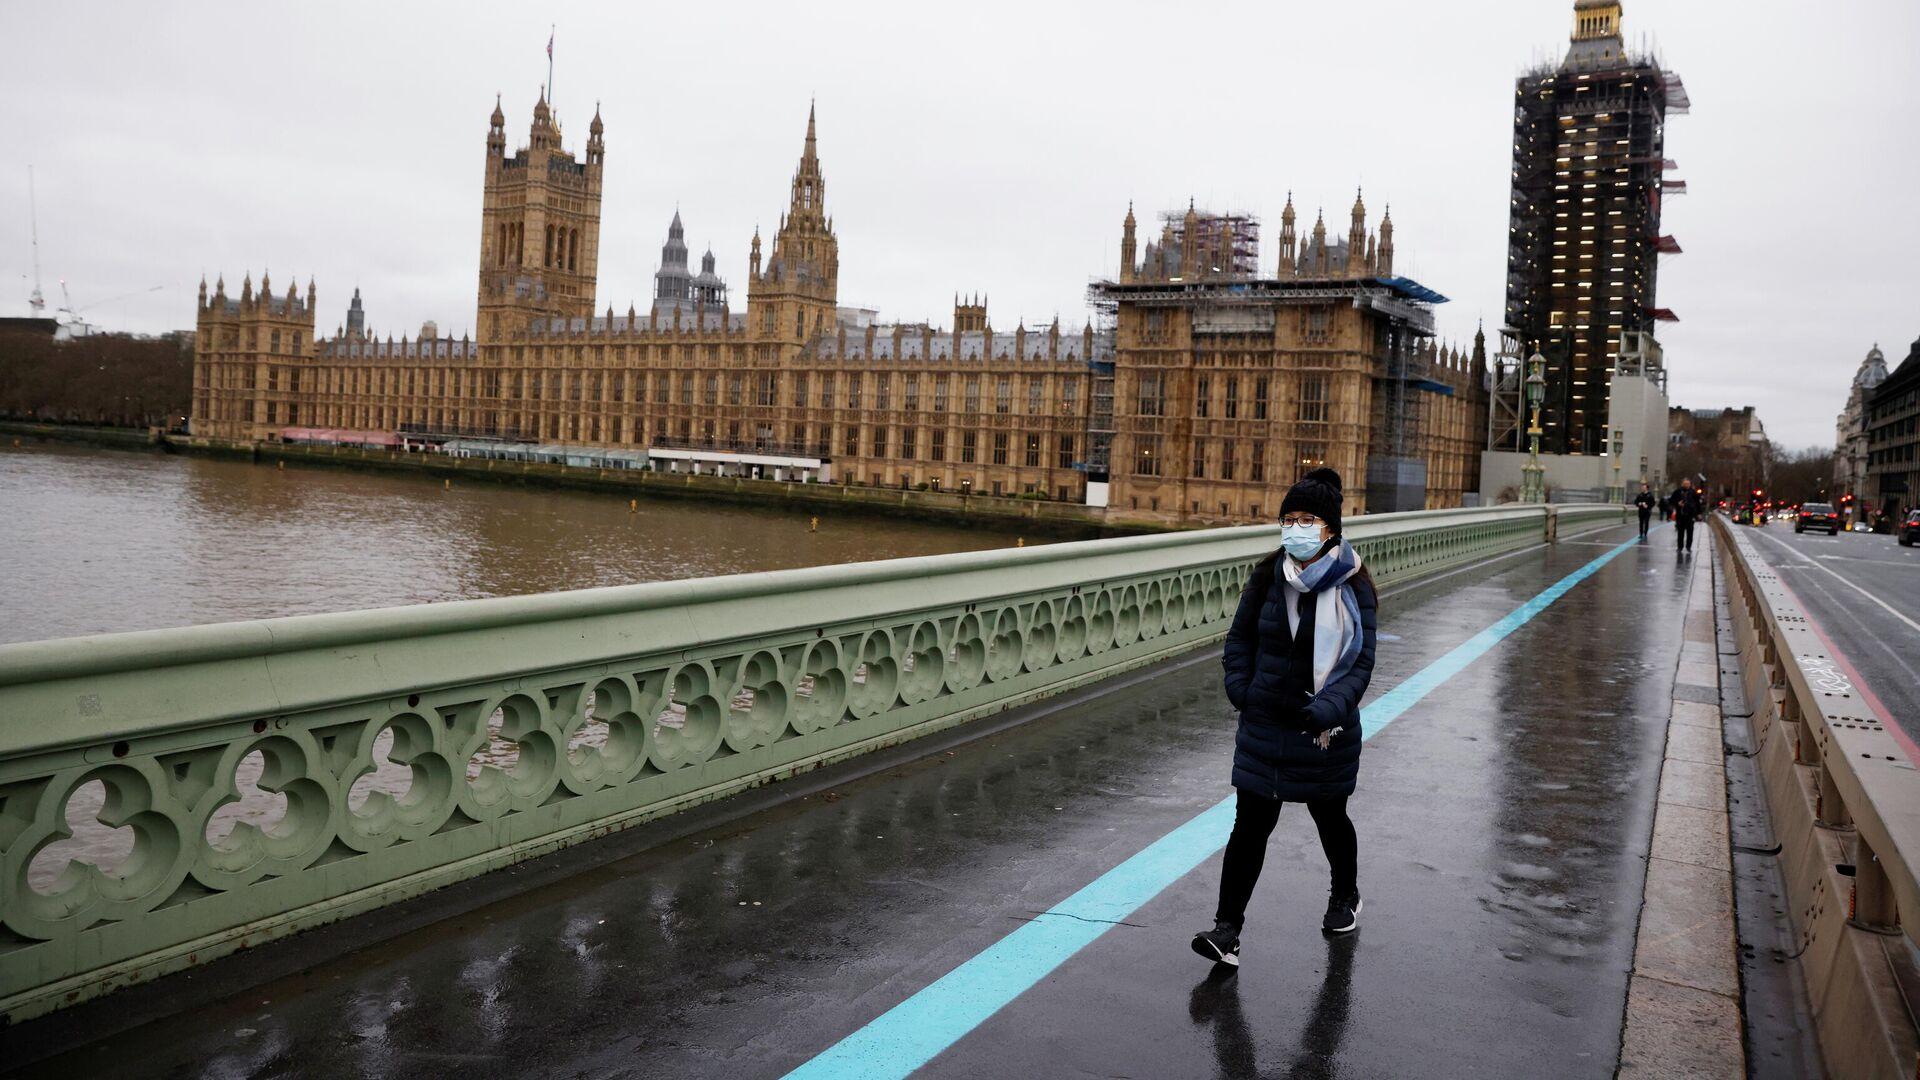 Девушка в защитной маске на Вестминстерском мосту в Лондоне - РИА Новости, 1920, 08.01.2021